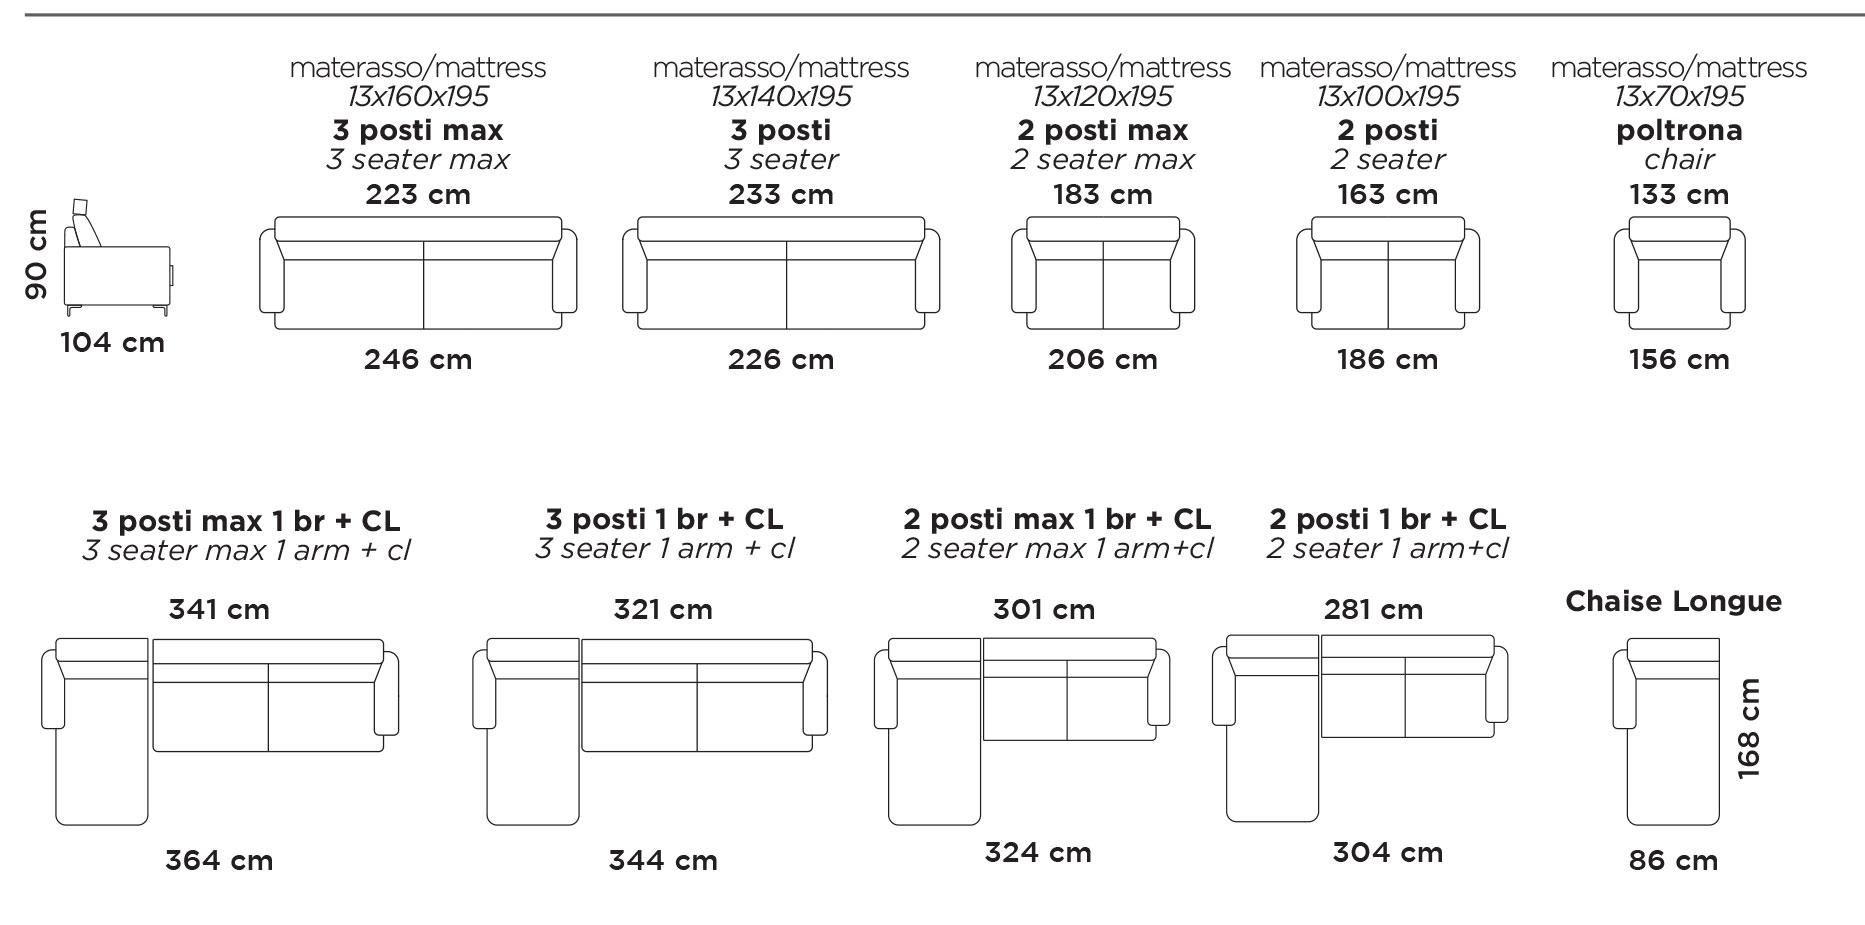 Divano letto 2 posti dimensioni casamia idea di immagine - Divano angolare piccole dimensioni ...